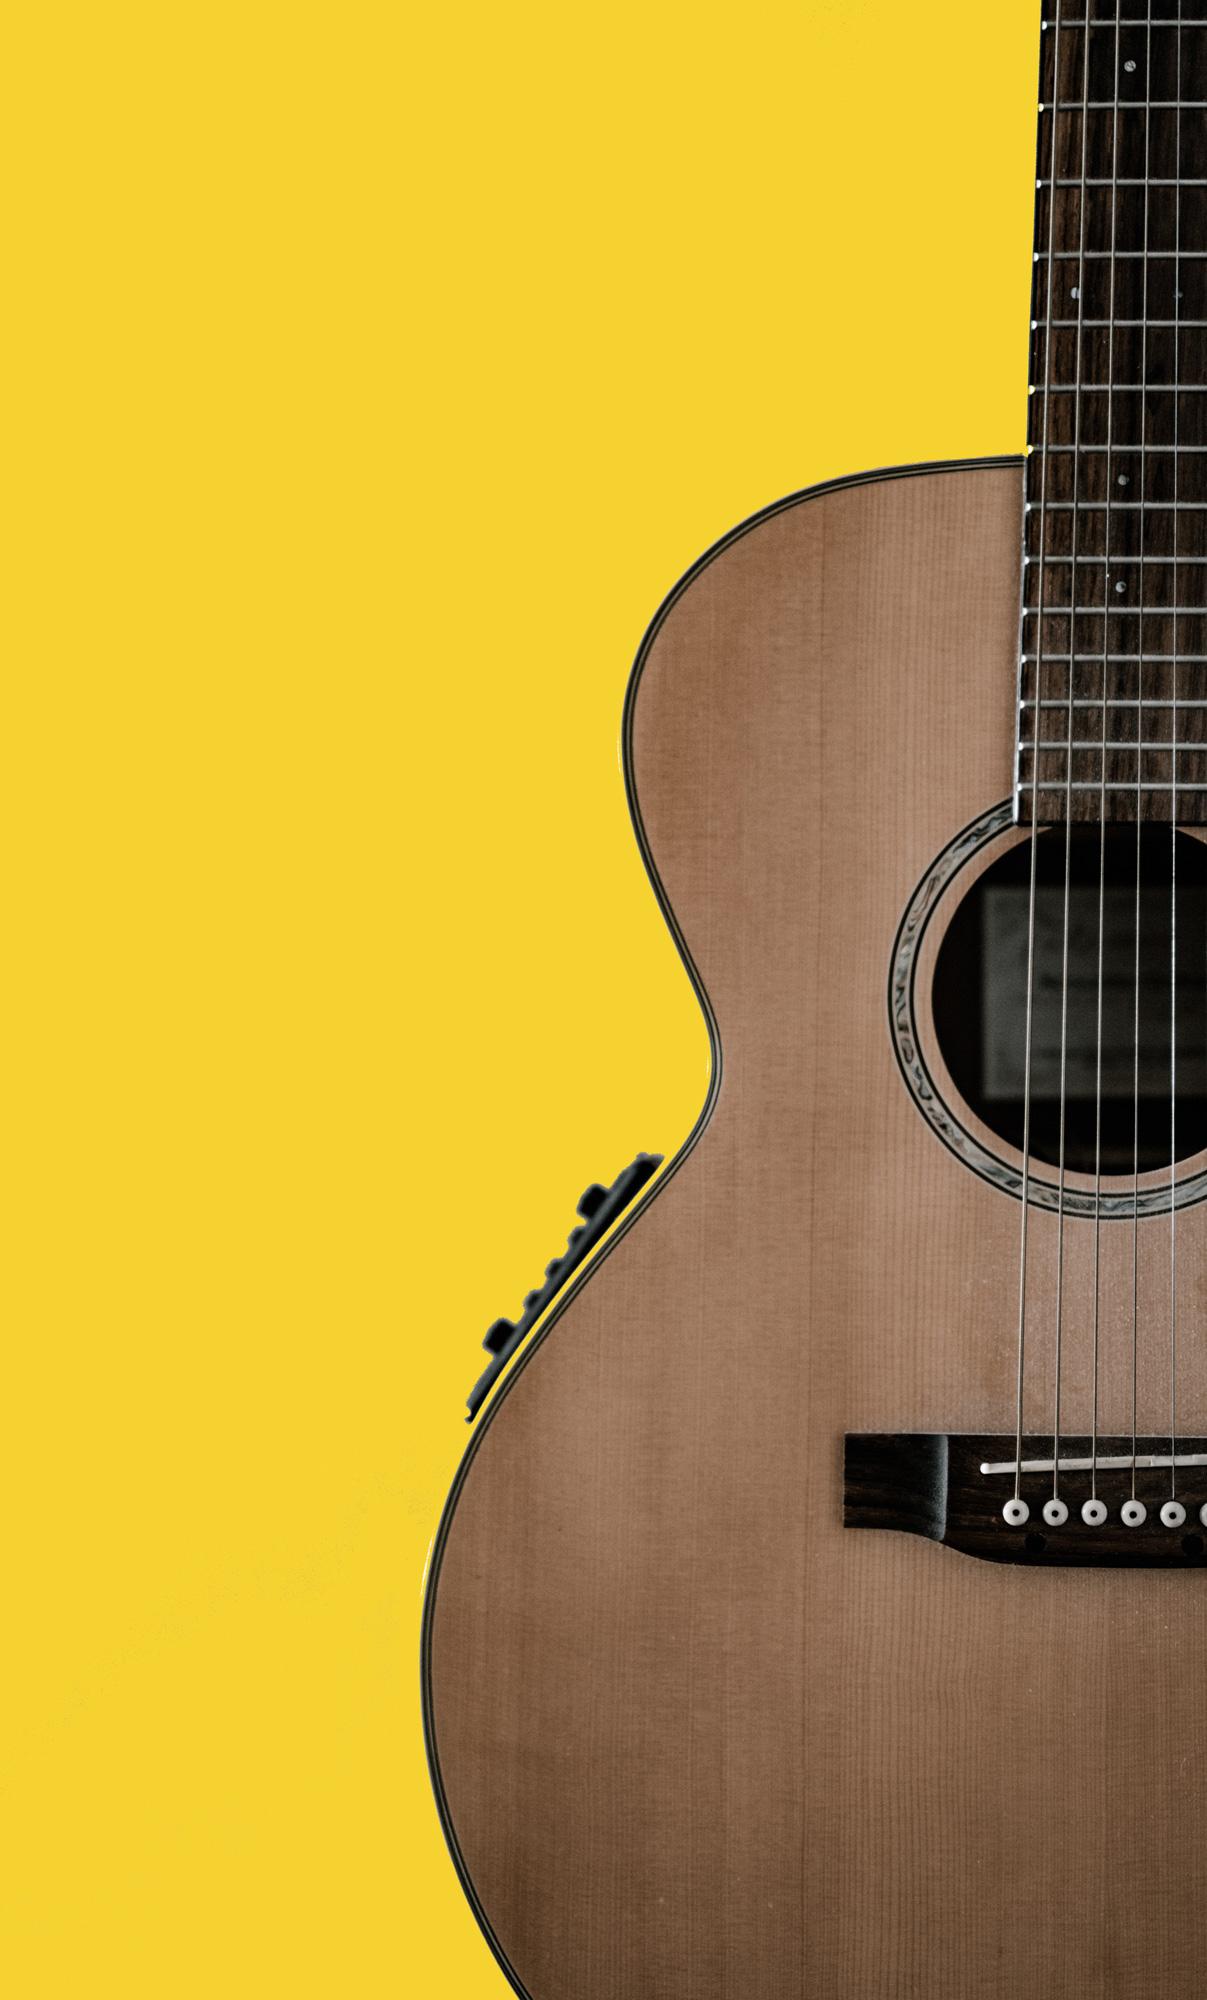 Afinador de guitarra online y sus formas de afinar diferentes guitarras